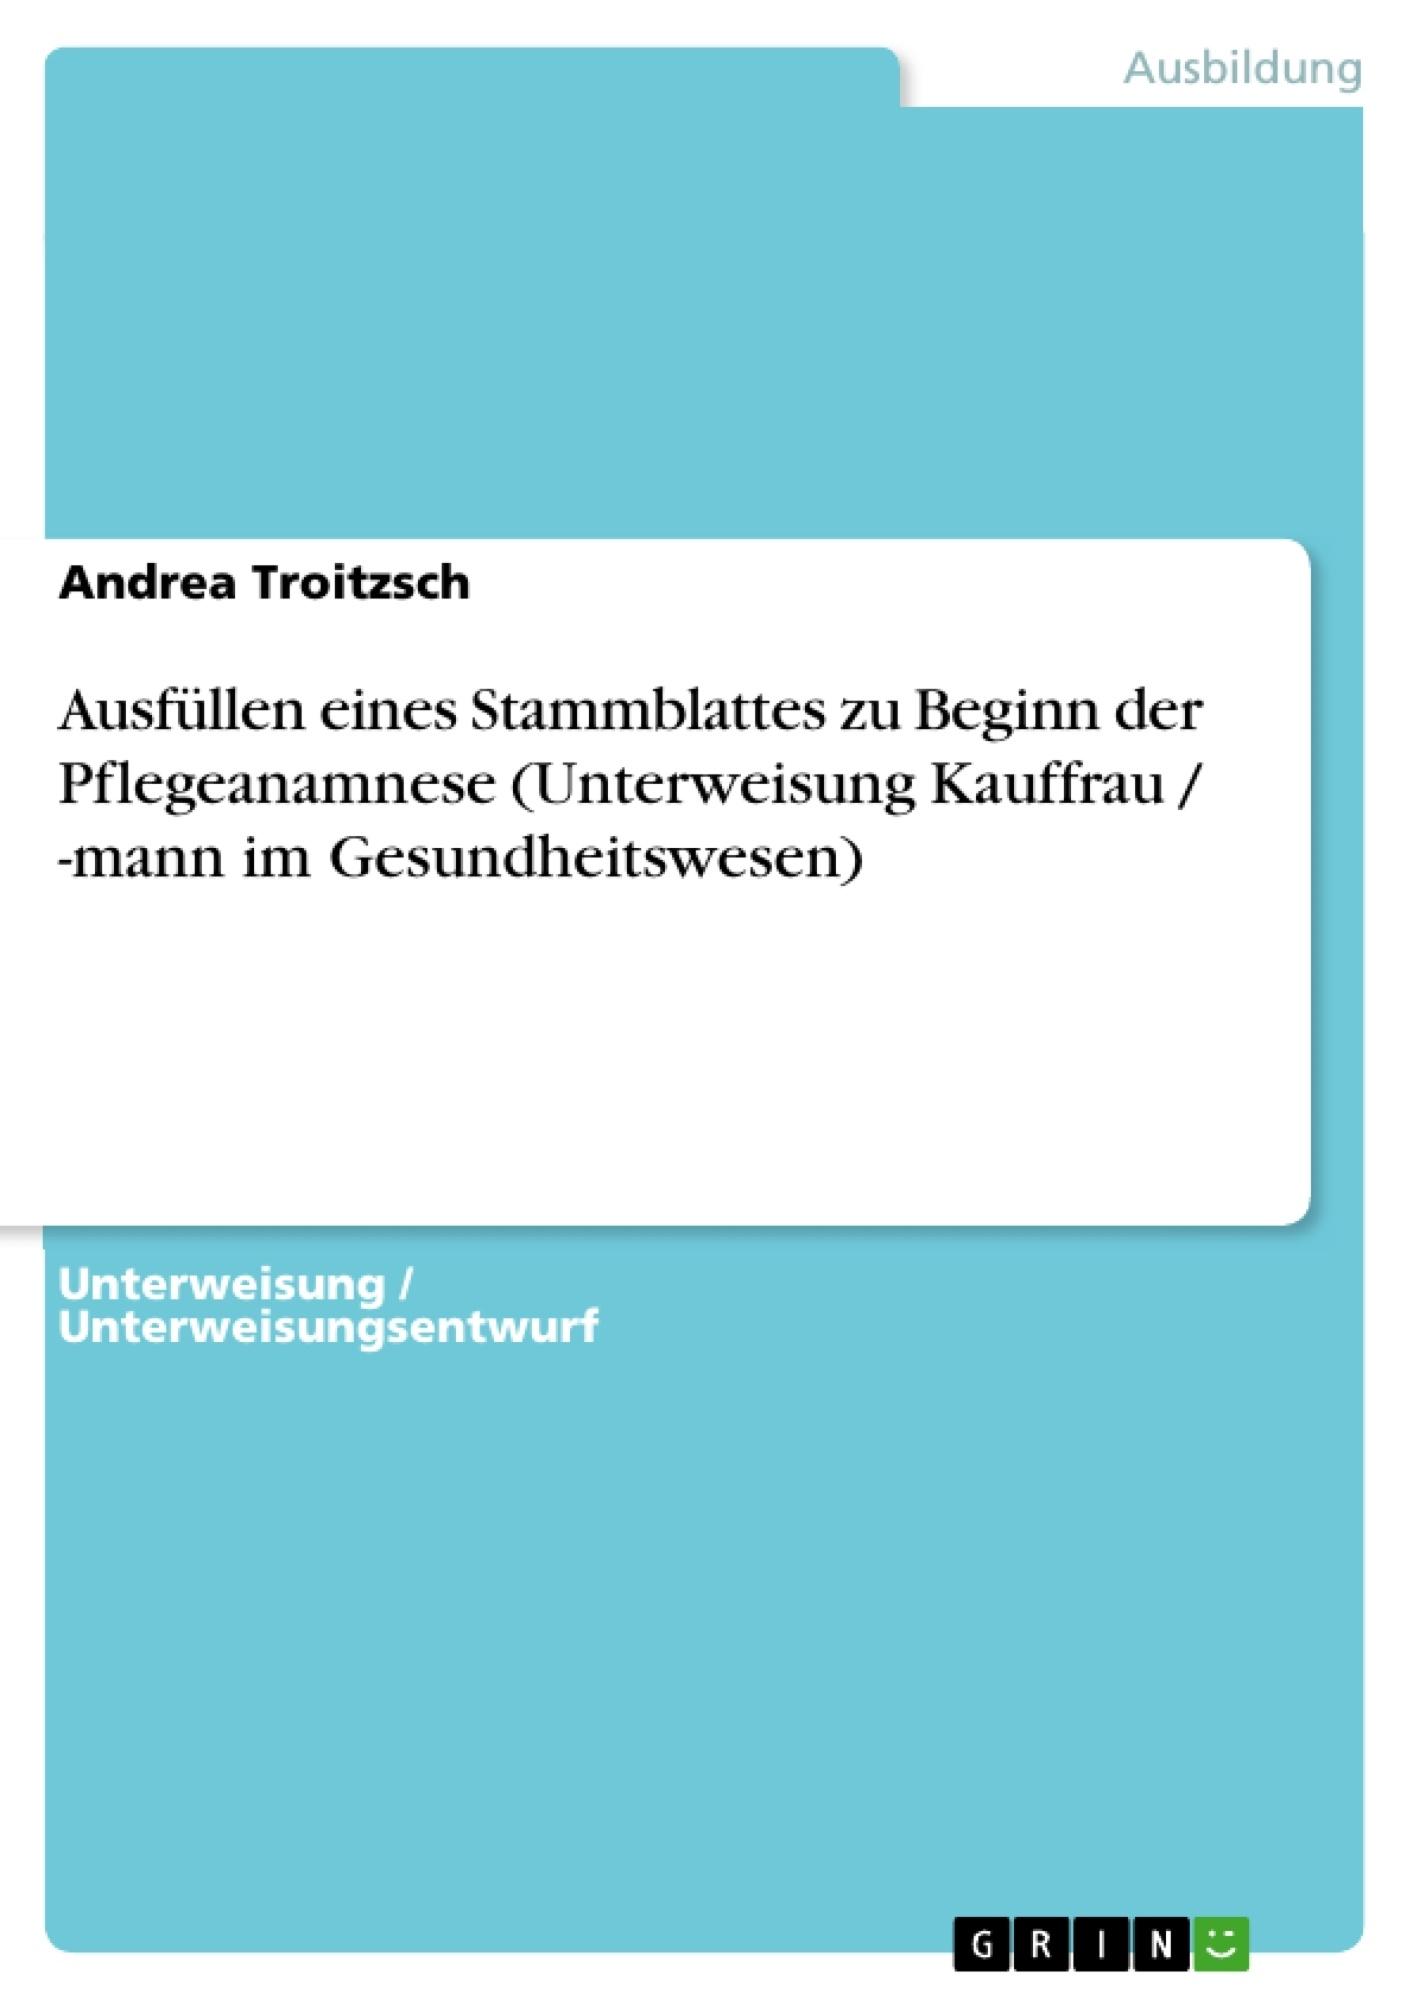 Titel: Ausfüllen eines Stammblattes zu Beginn der Pflegeanamnese (Unterweisung Kauffrau / -mann im Gesundheitswesen)